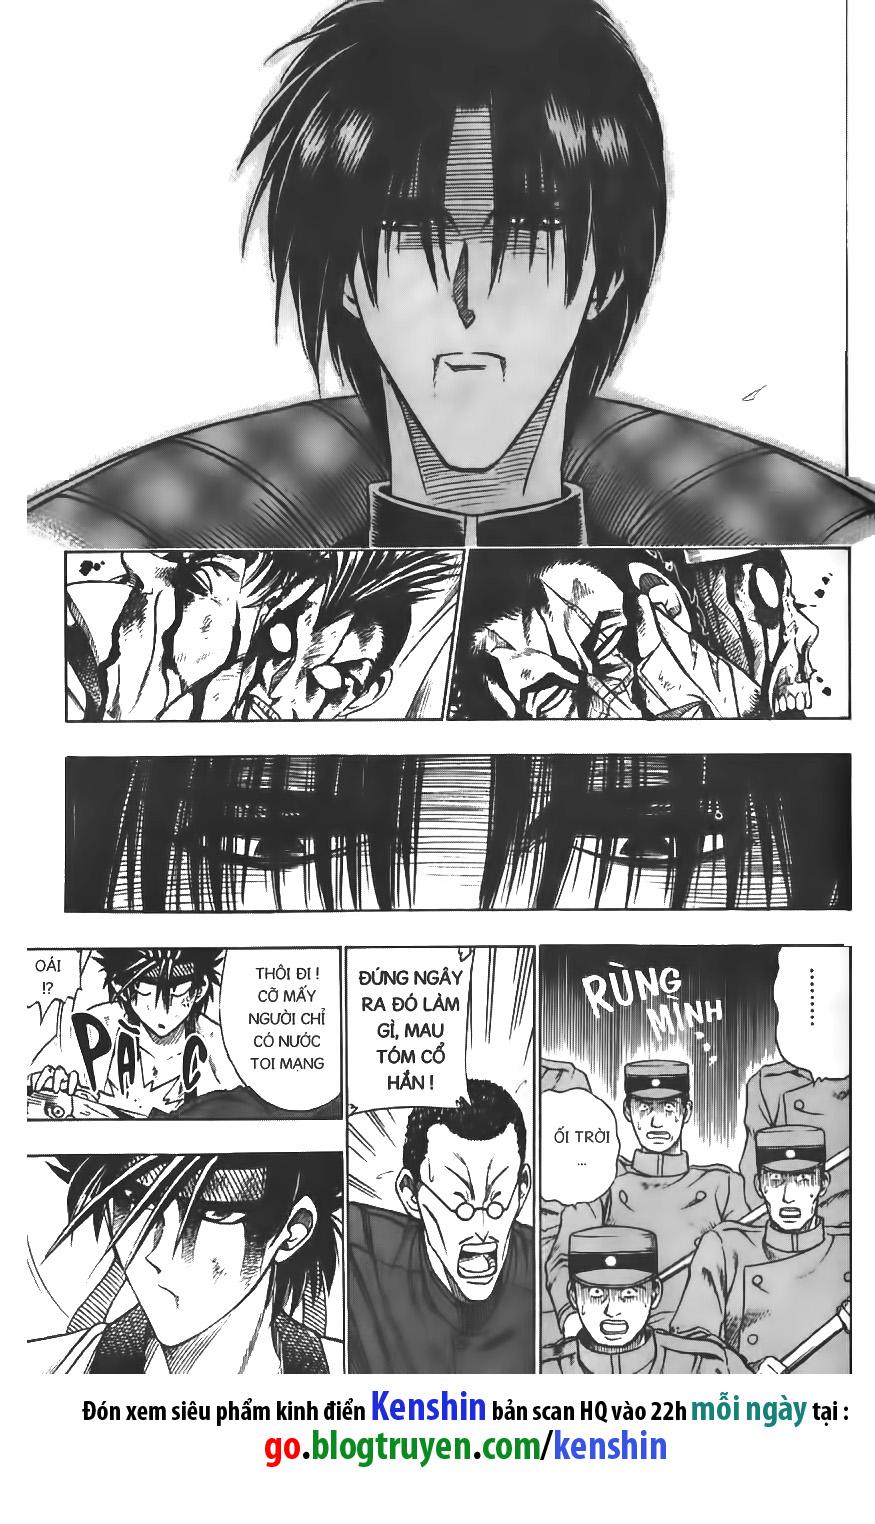 Rurouni Kenshin chap 30 trang 8